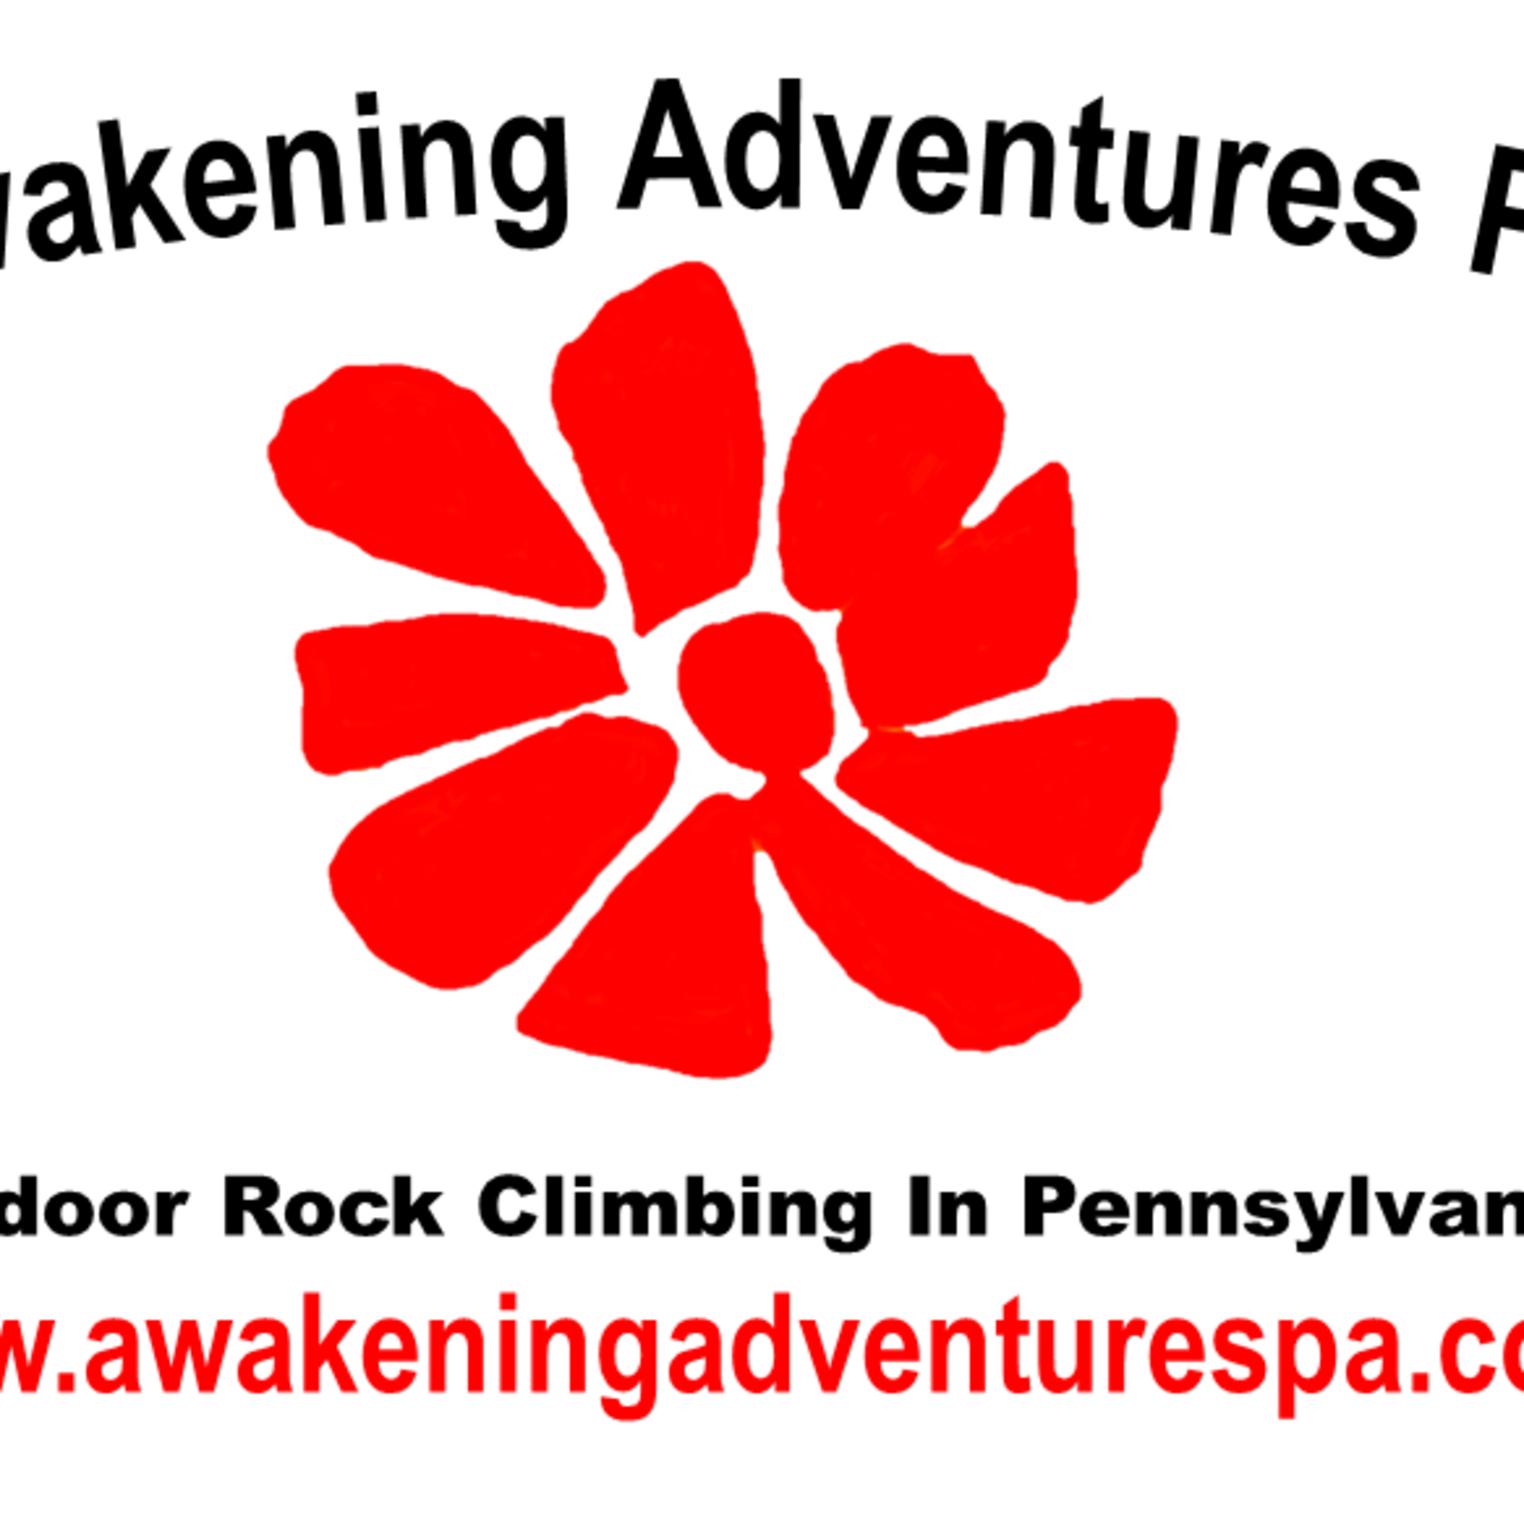 Awakening Adventures